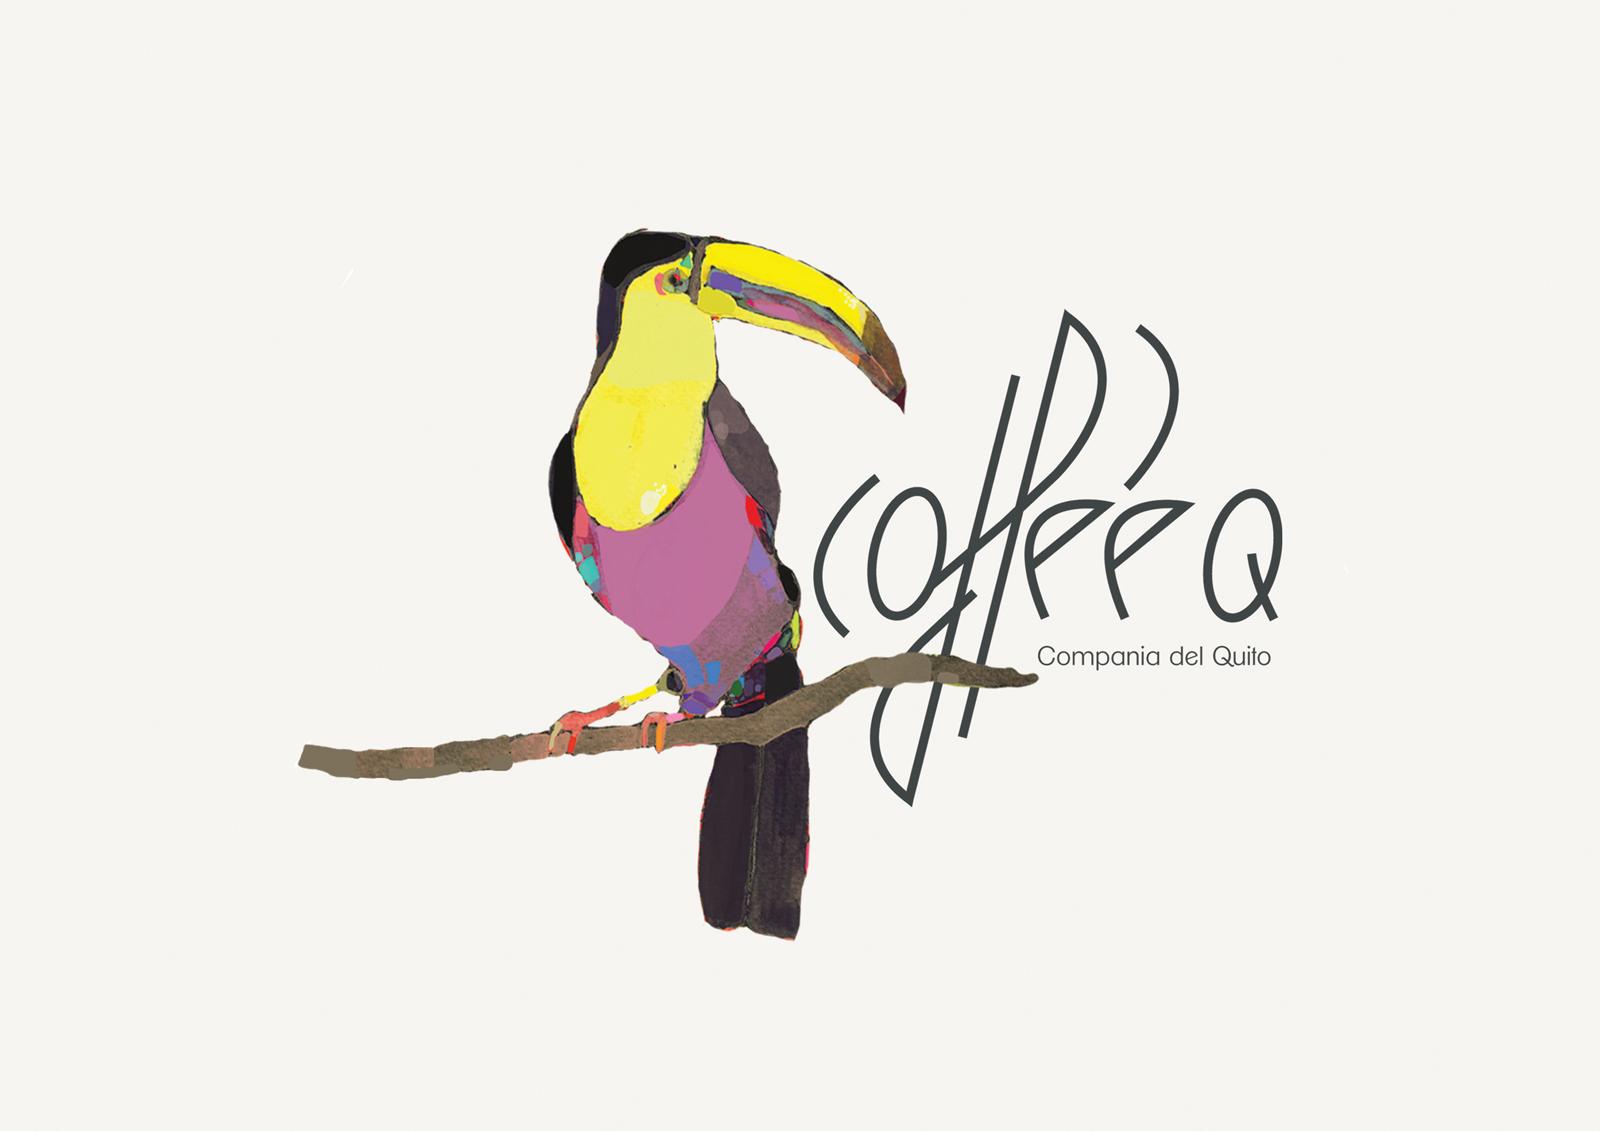 CaffeQ